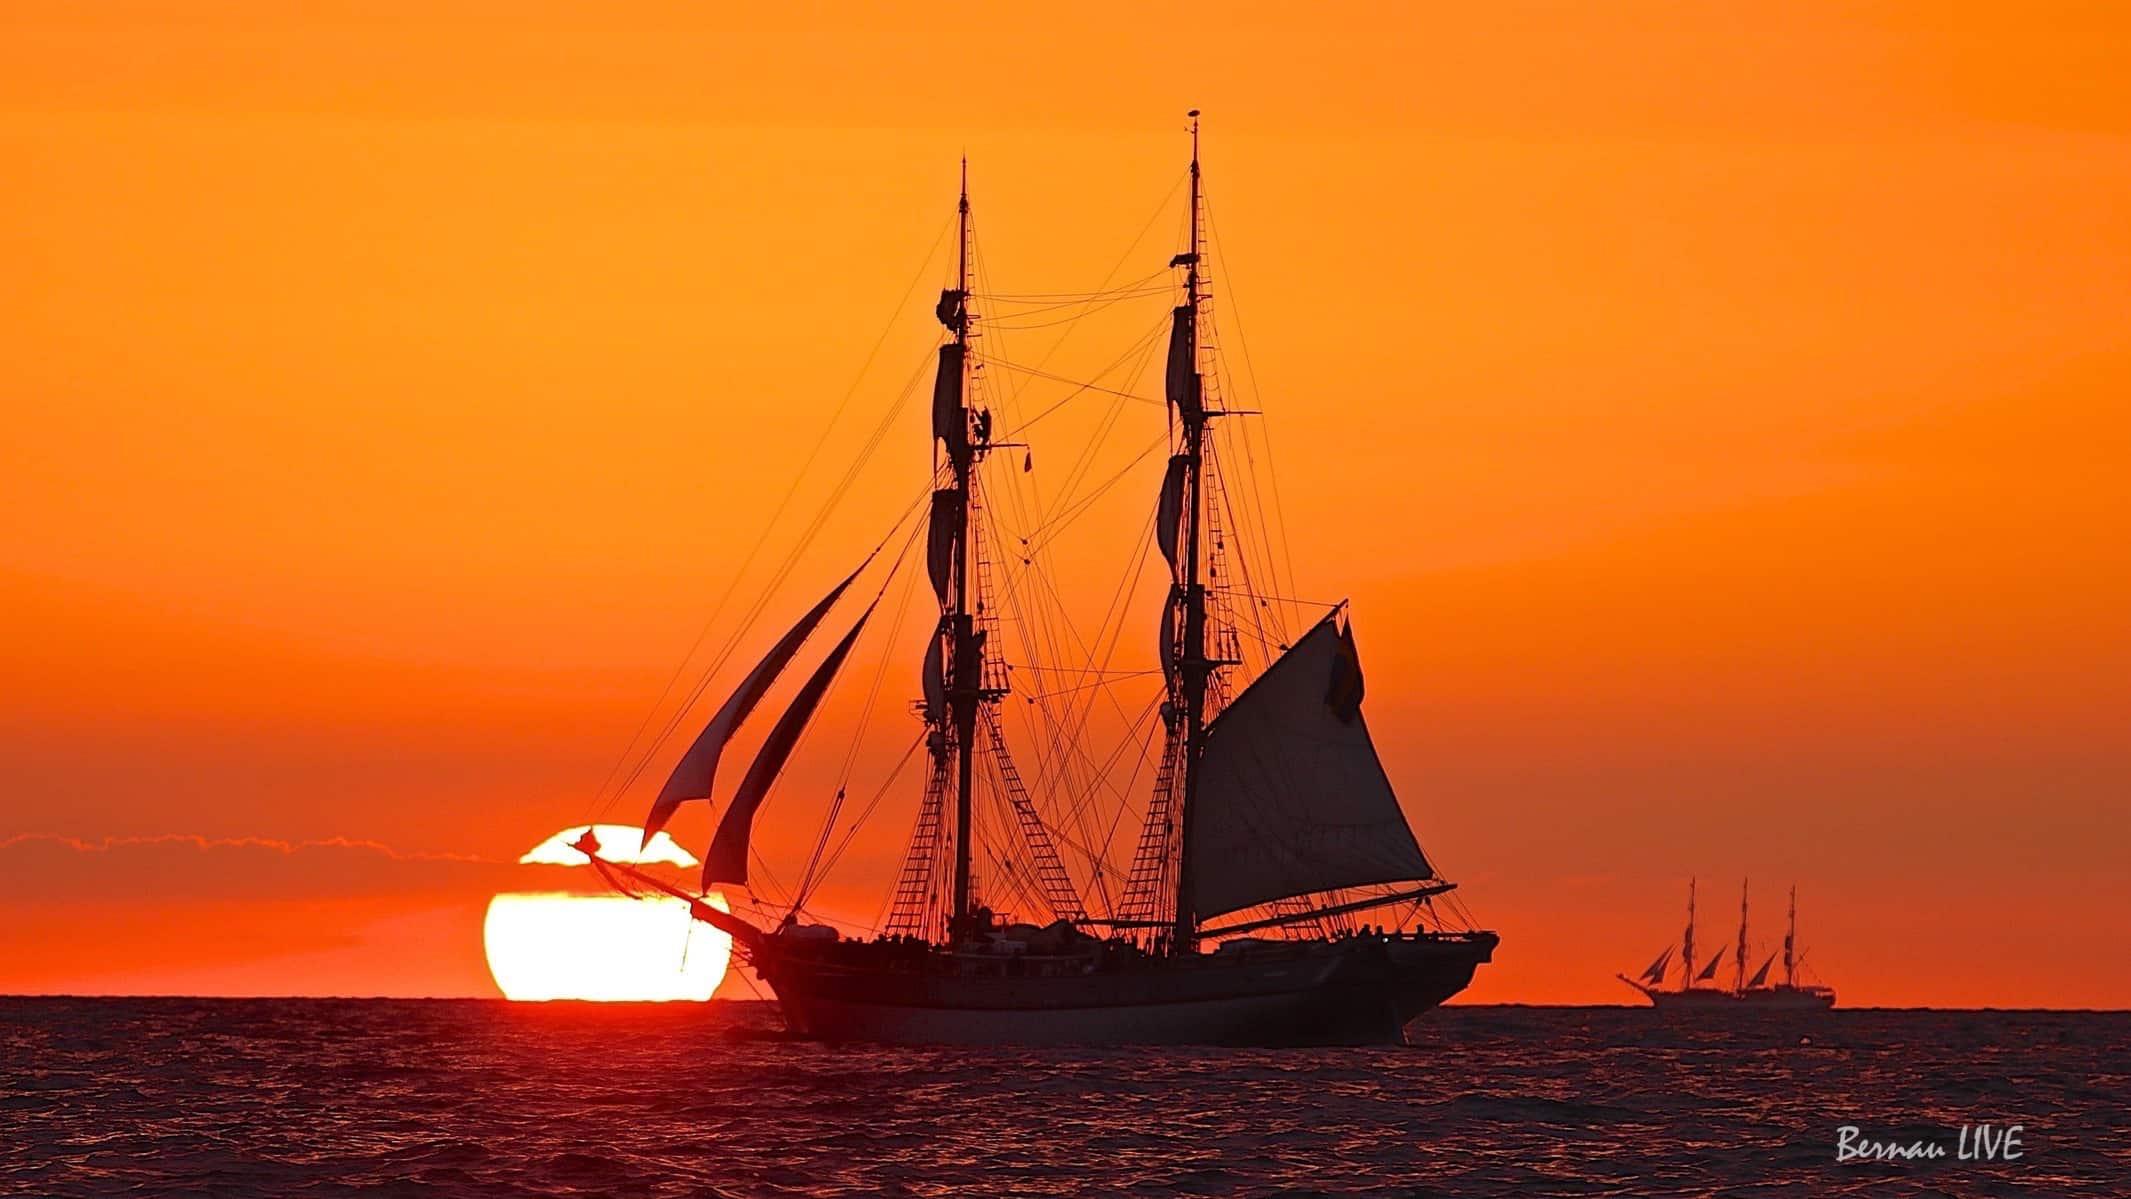 Willkommen zur 28. Hanse Sail Rostock – traditionelle Seefahrt hautnah!